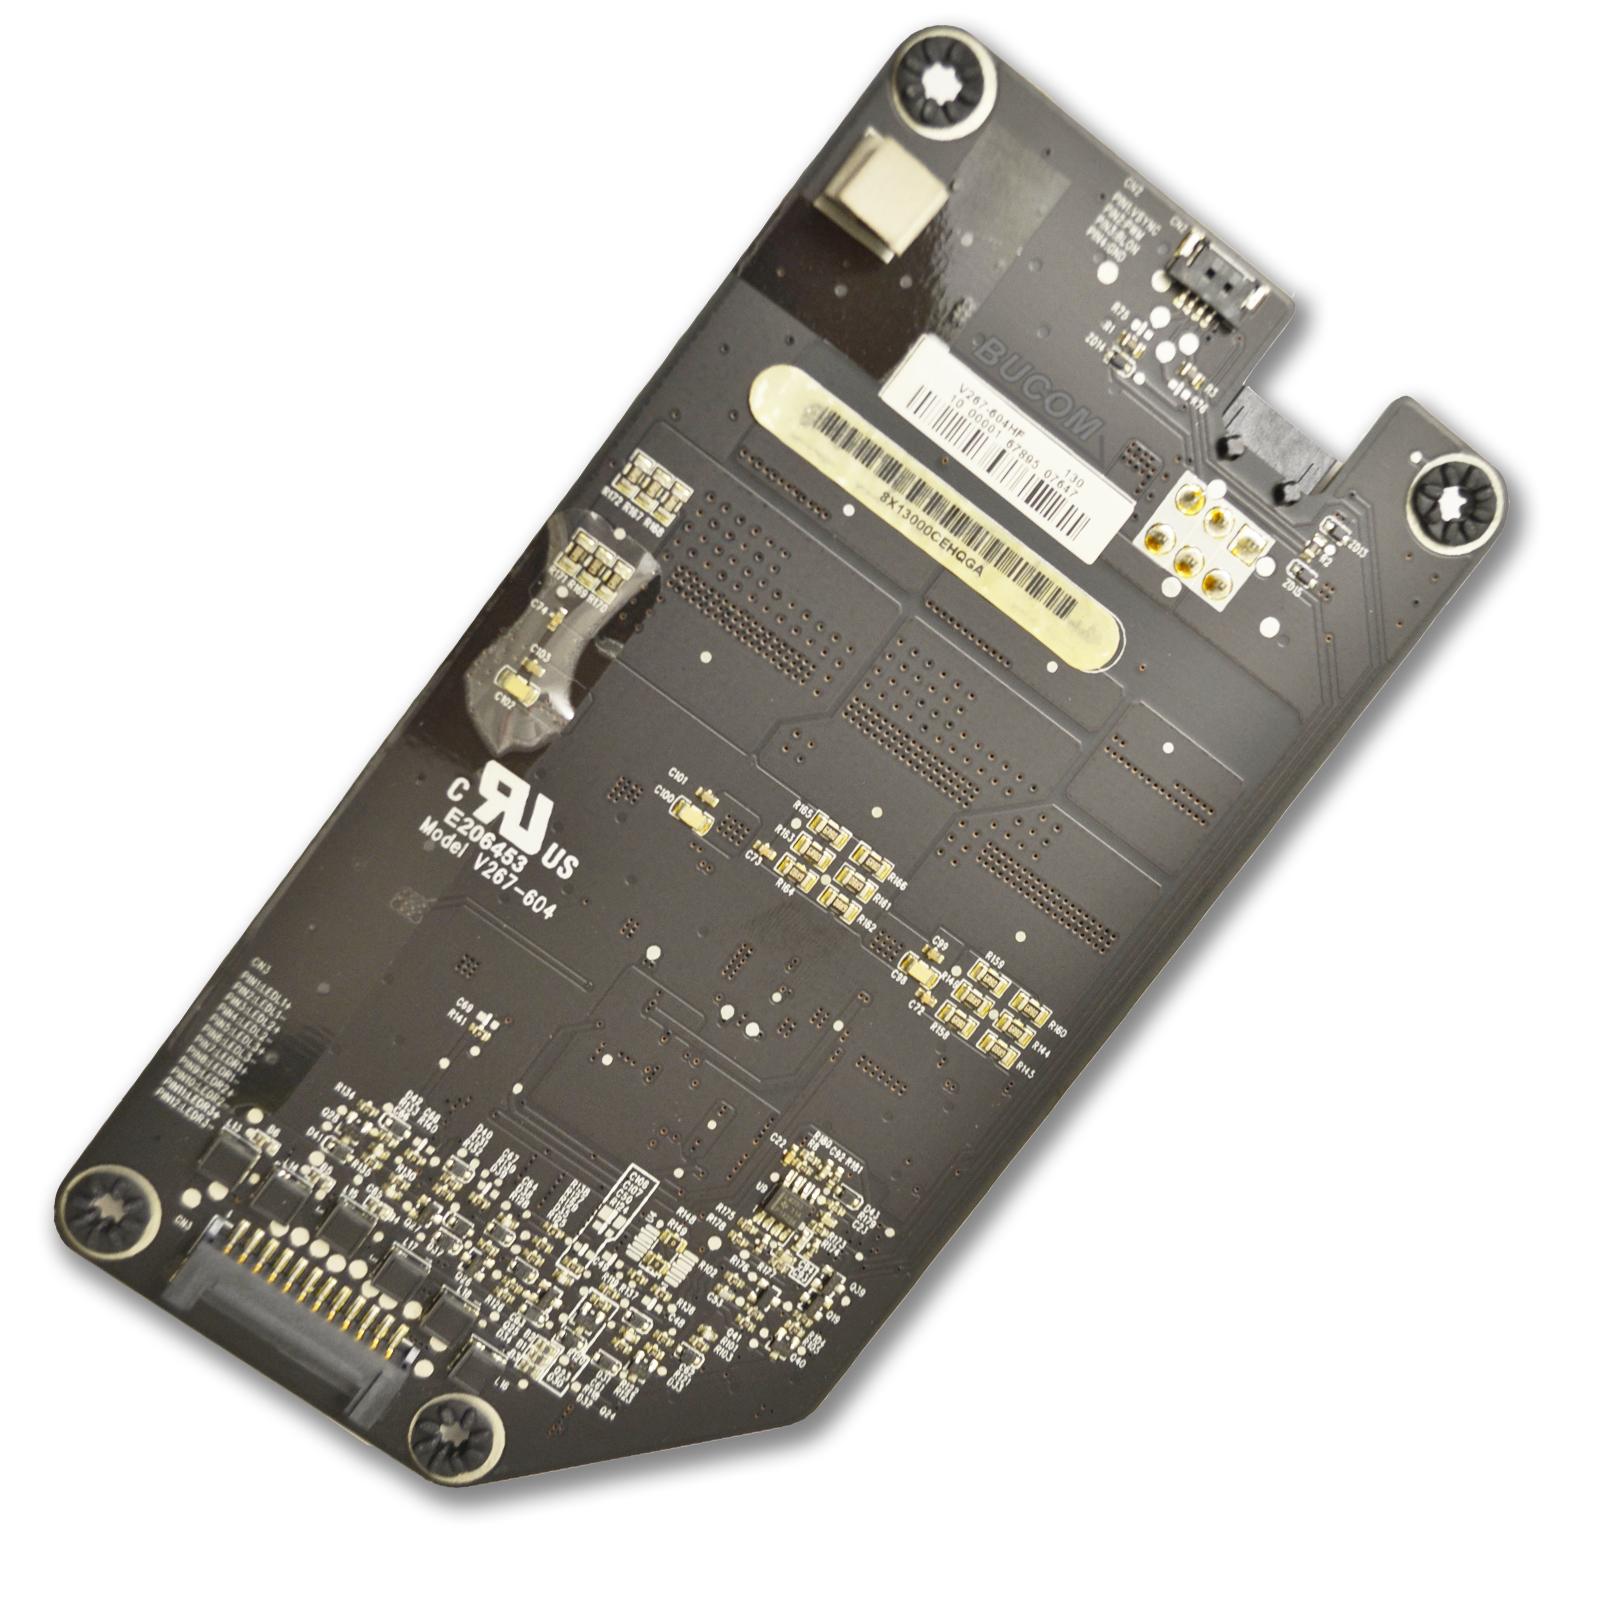 PC-LAPTOP-CENTER COM - iMac 27